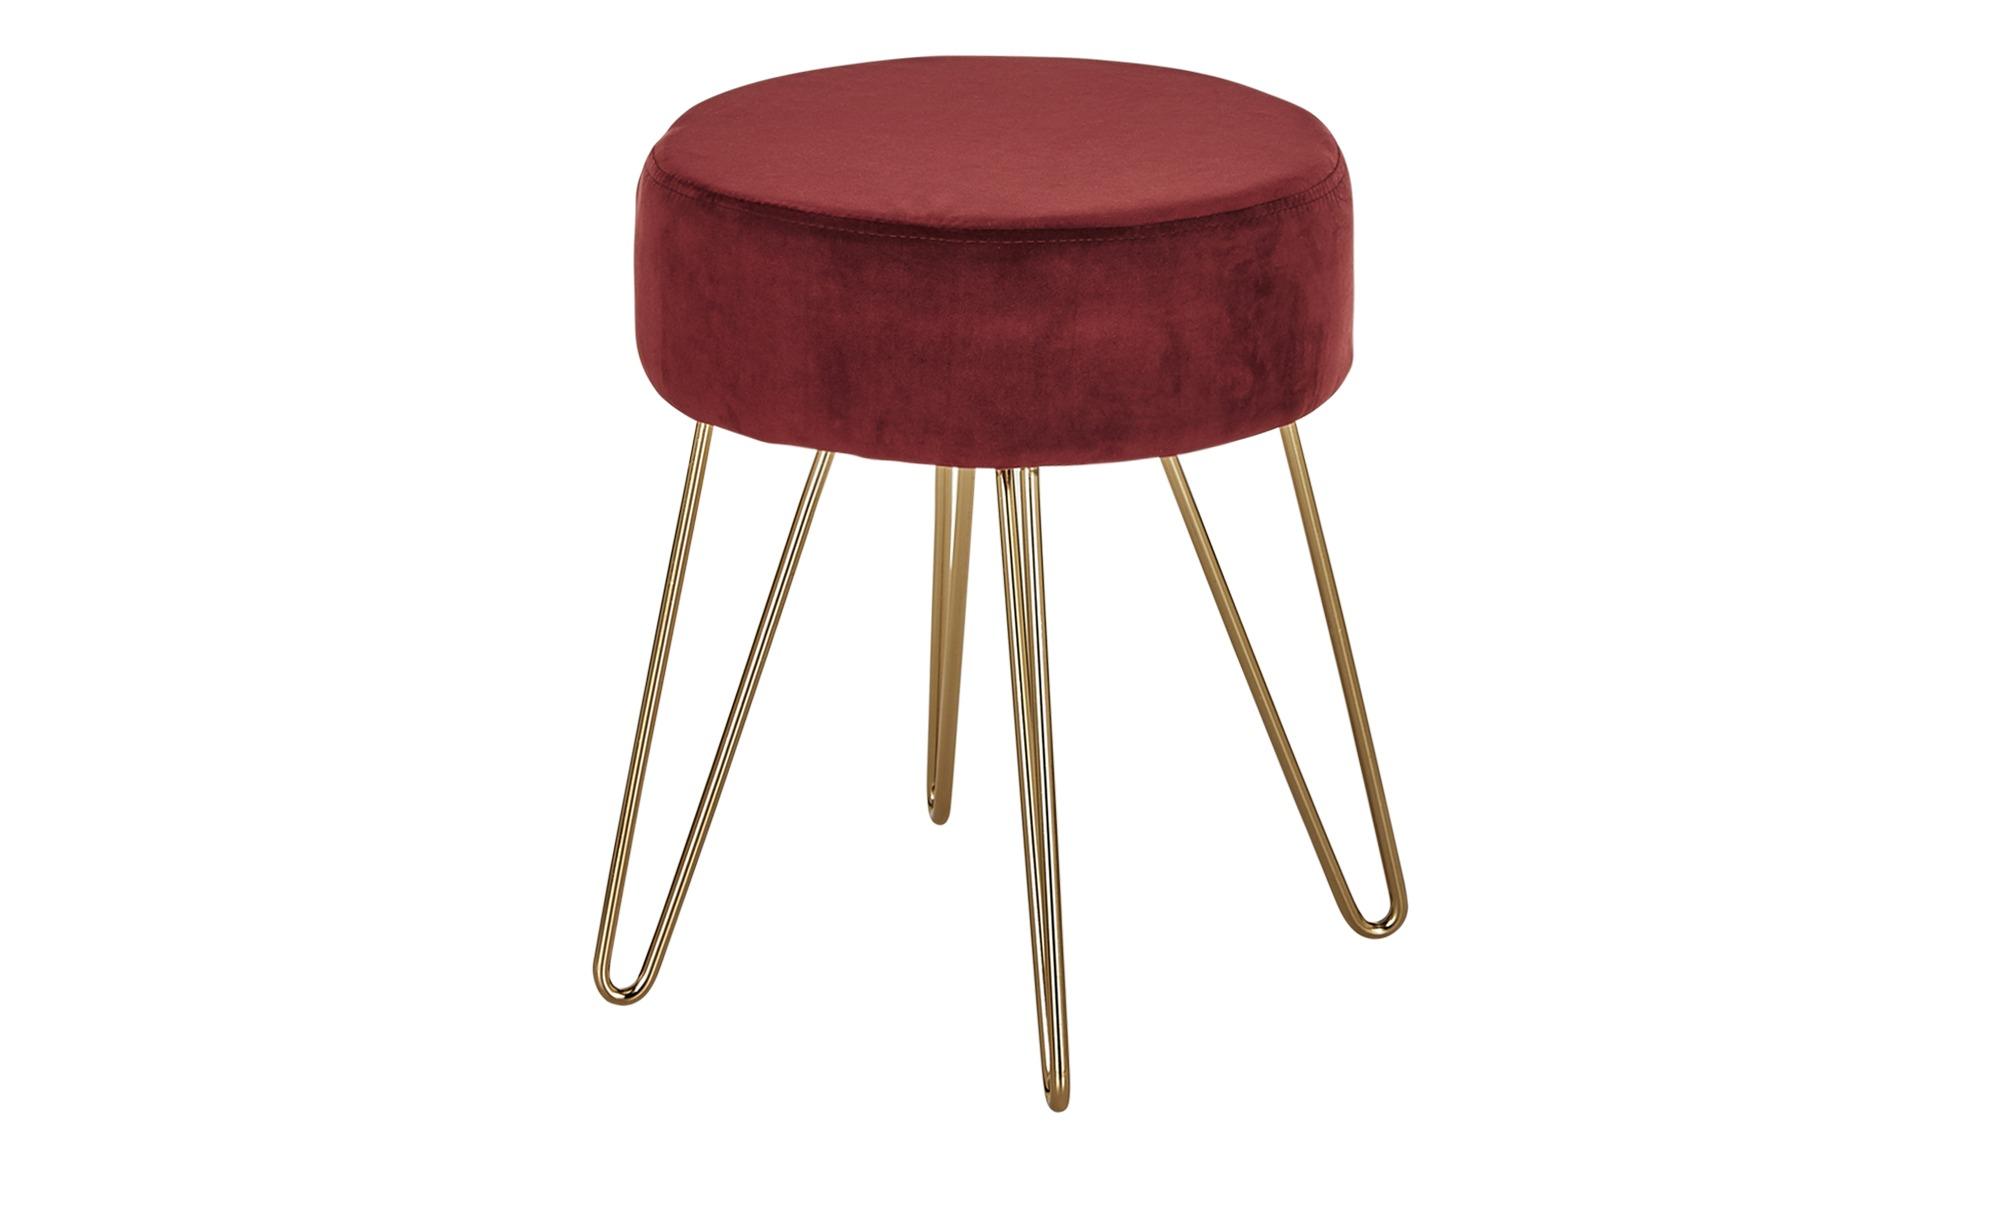 Sitzhocker in Rot und Gold